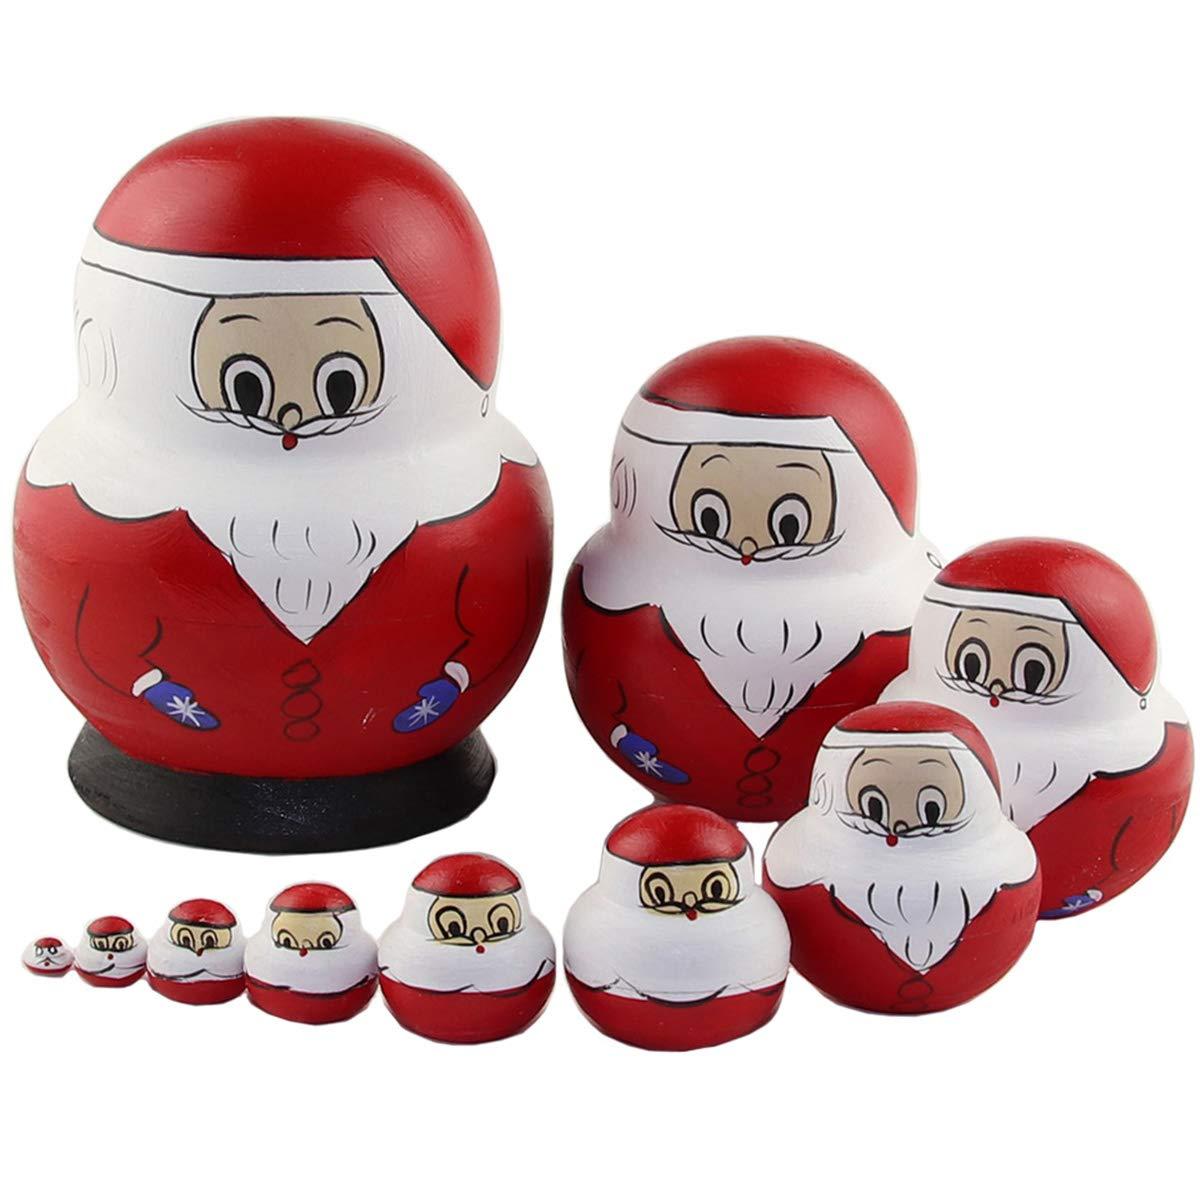 JAGENIE 5/x Engel Prinzessin Matroschka Holz Matroschka Puppen Kinder Spielzeug Geschenk